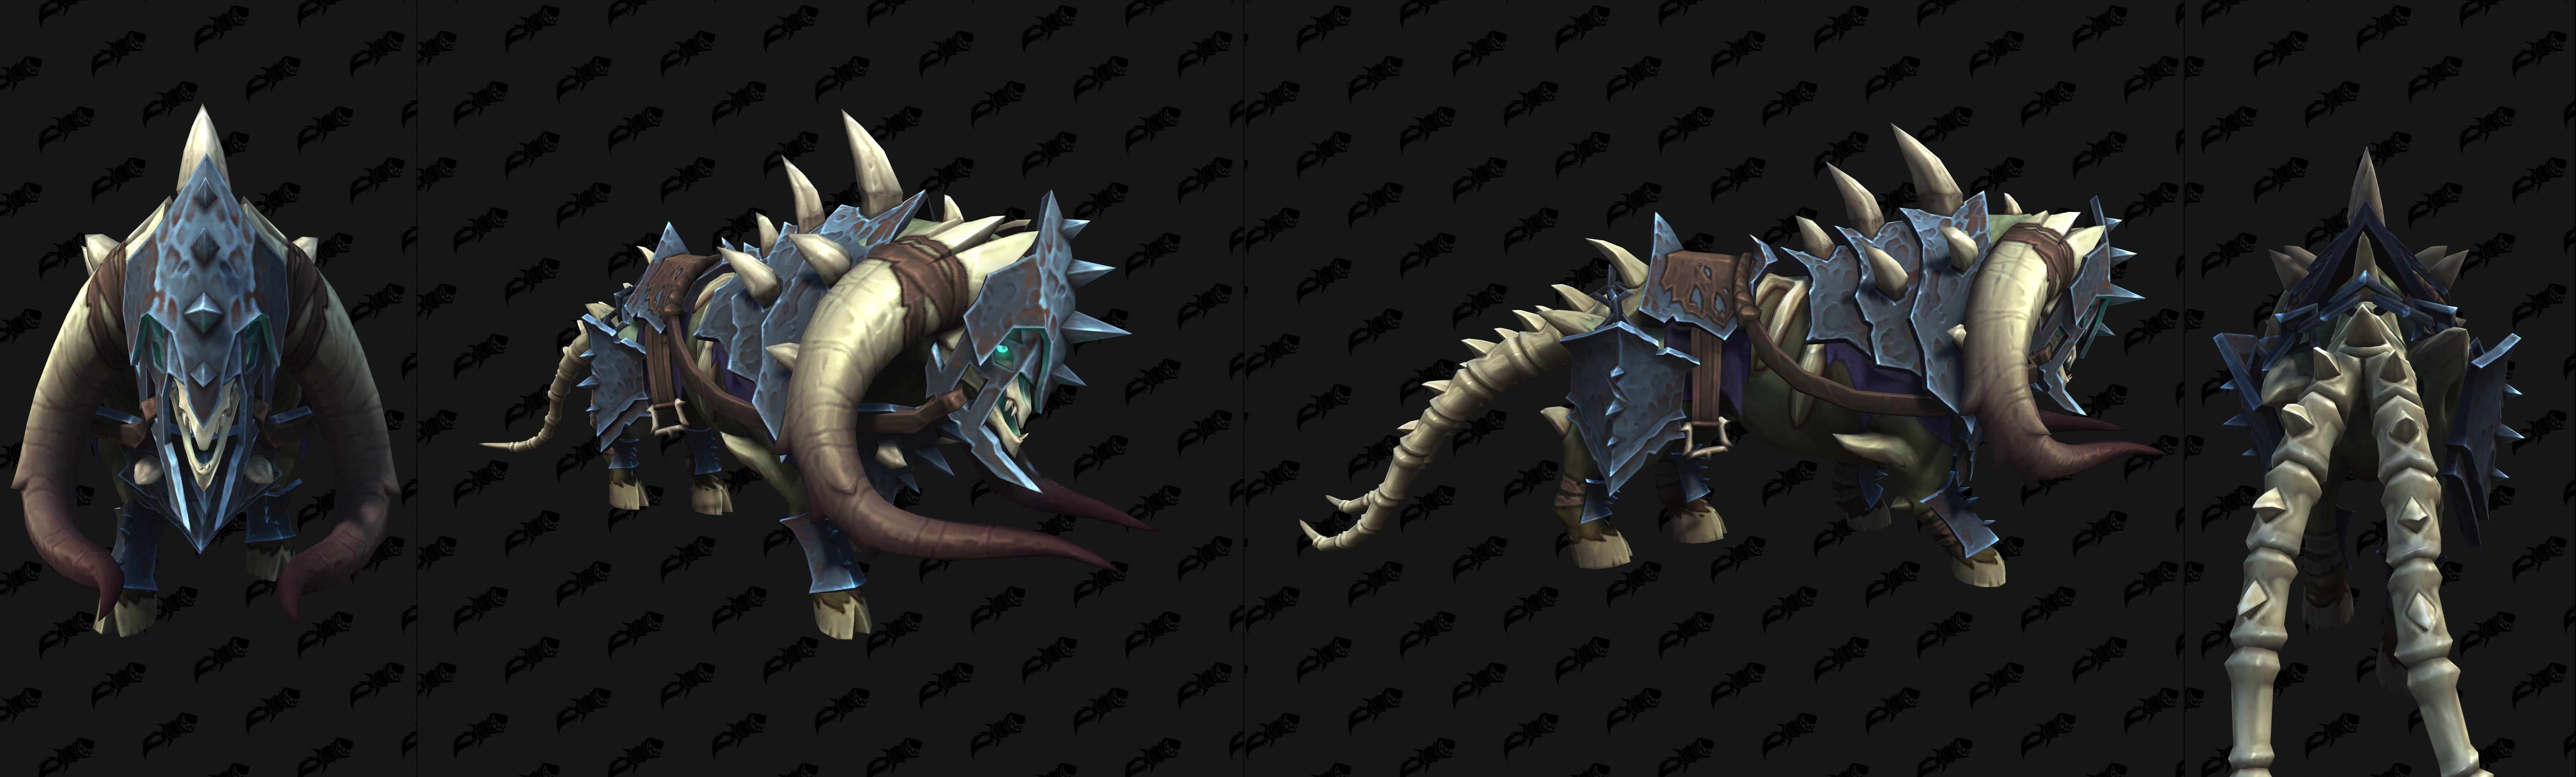 Средства передвижения Shadowlands: Эпический гигантский зверь Малдраксуса